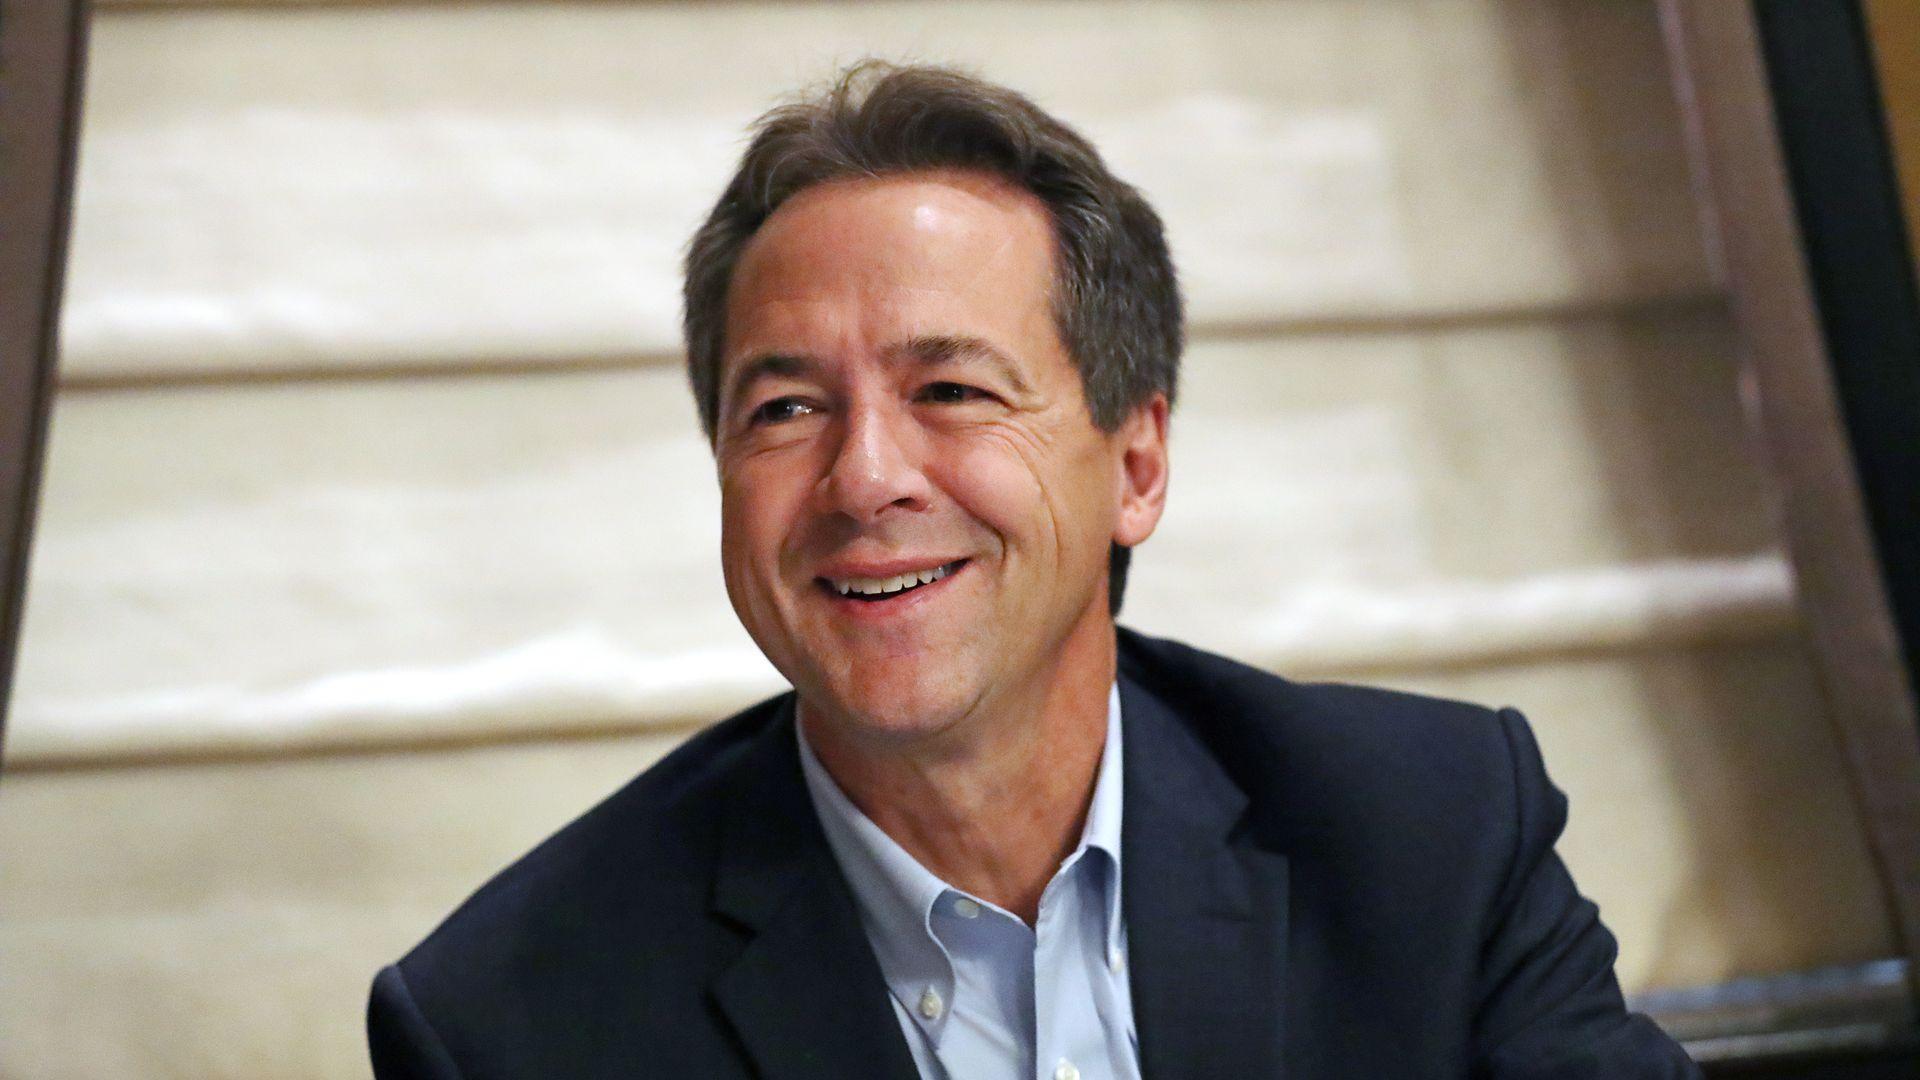 2020 Democratic presidential candidate Montana Gov. Steve Bullock